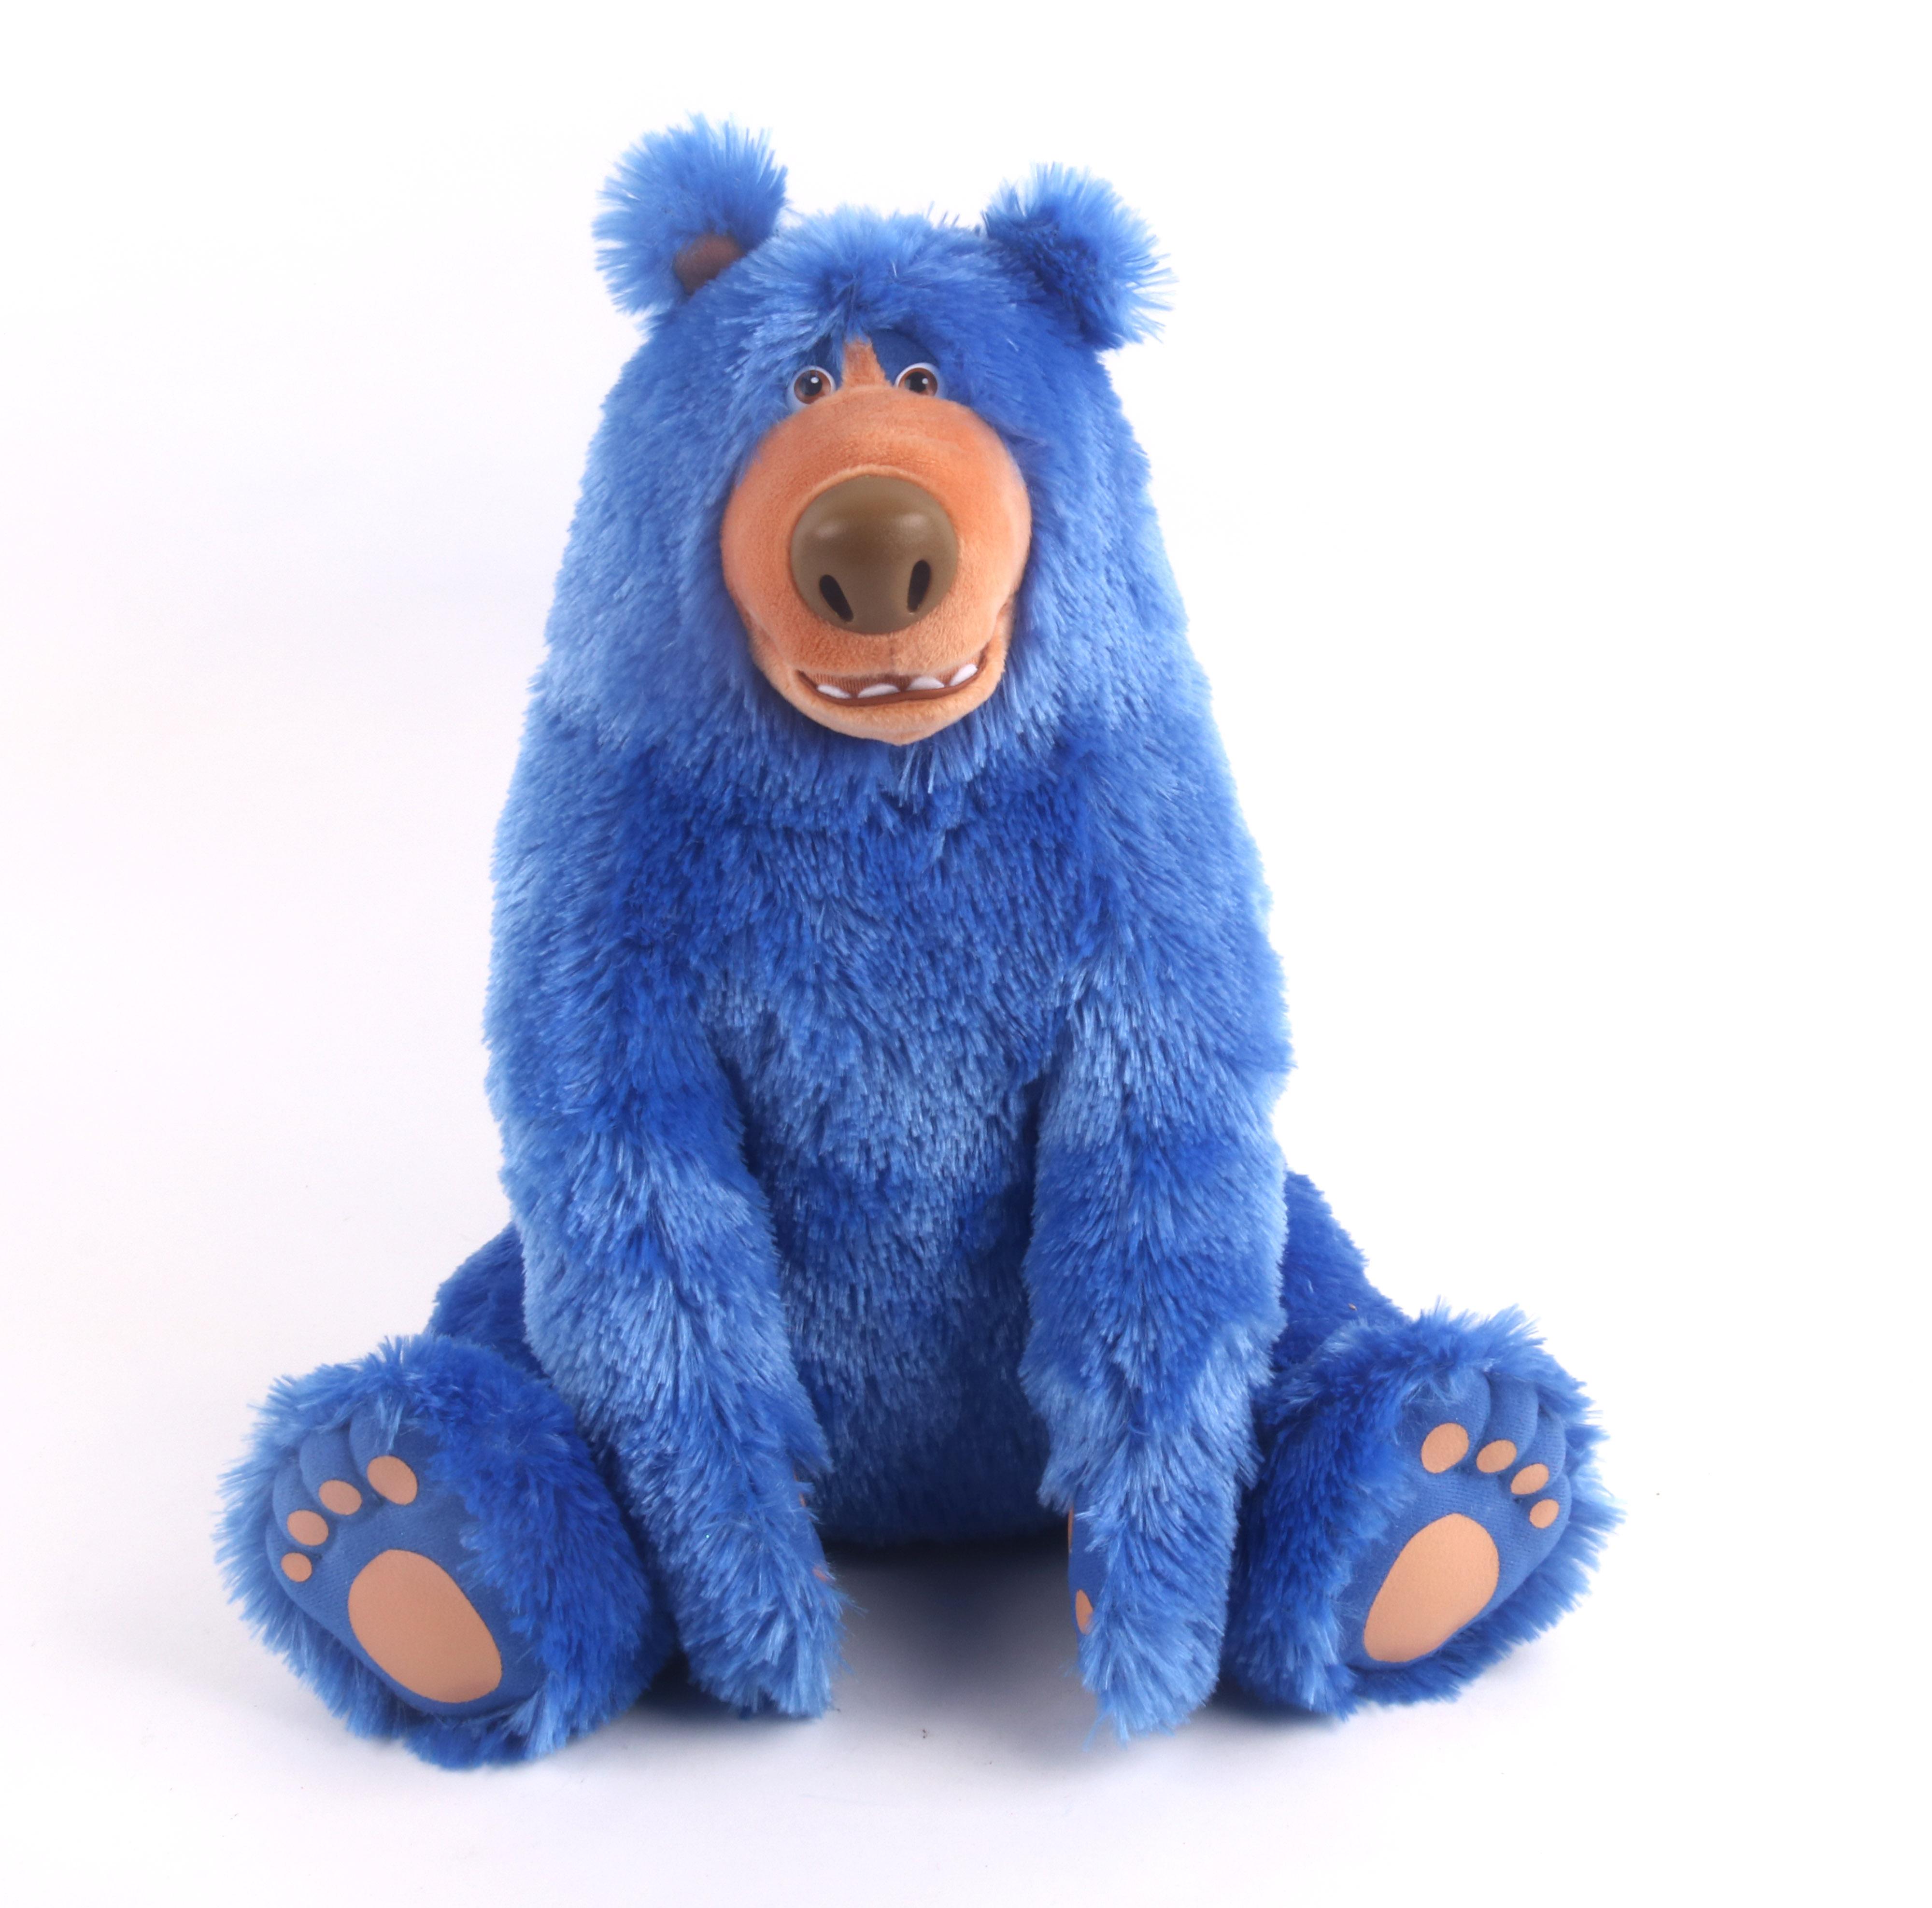 Мягкая игрушка Wonder Park Волшебный парк Джун. Медведь для обнимашек